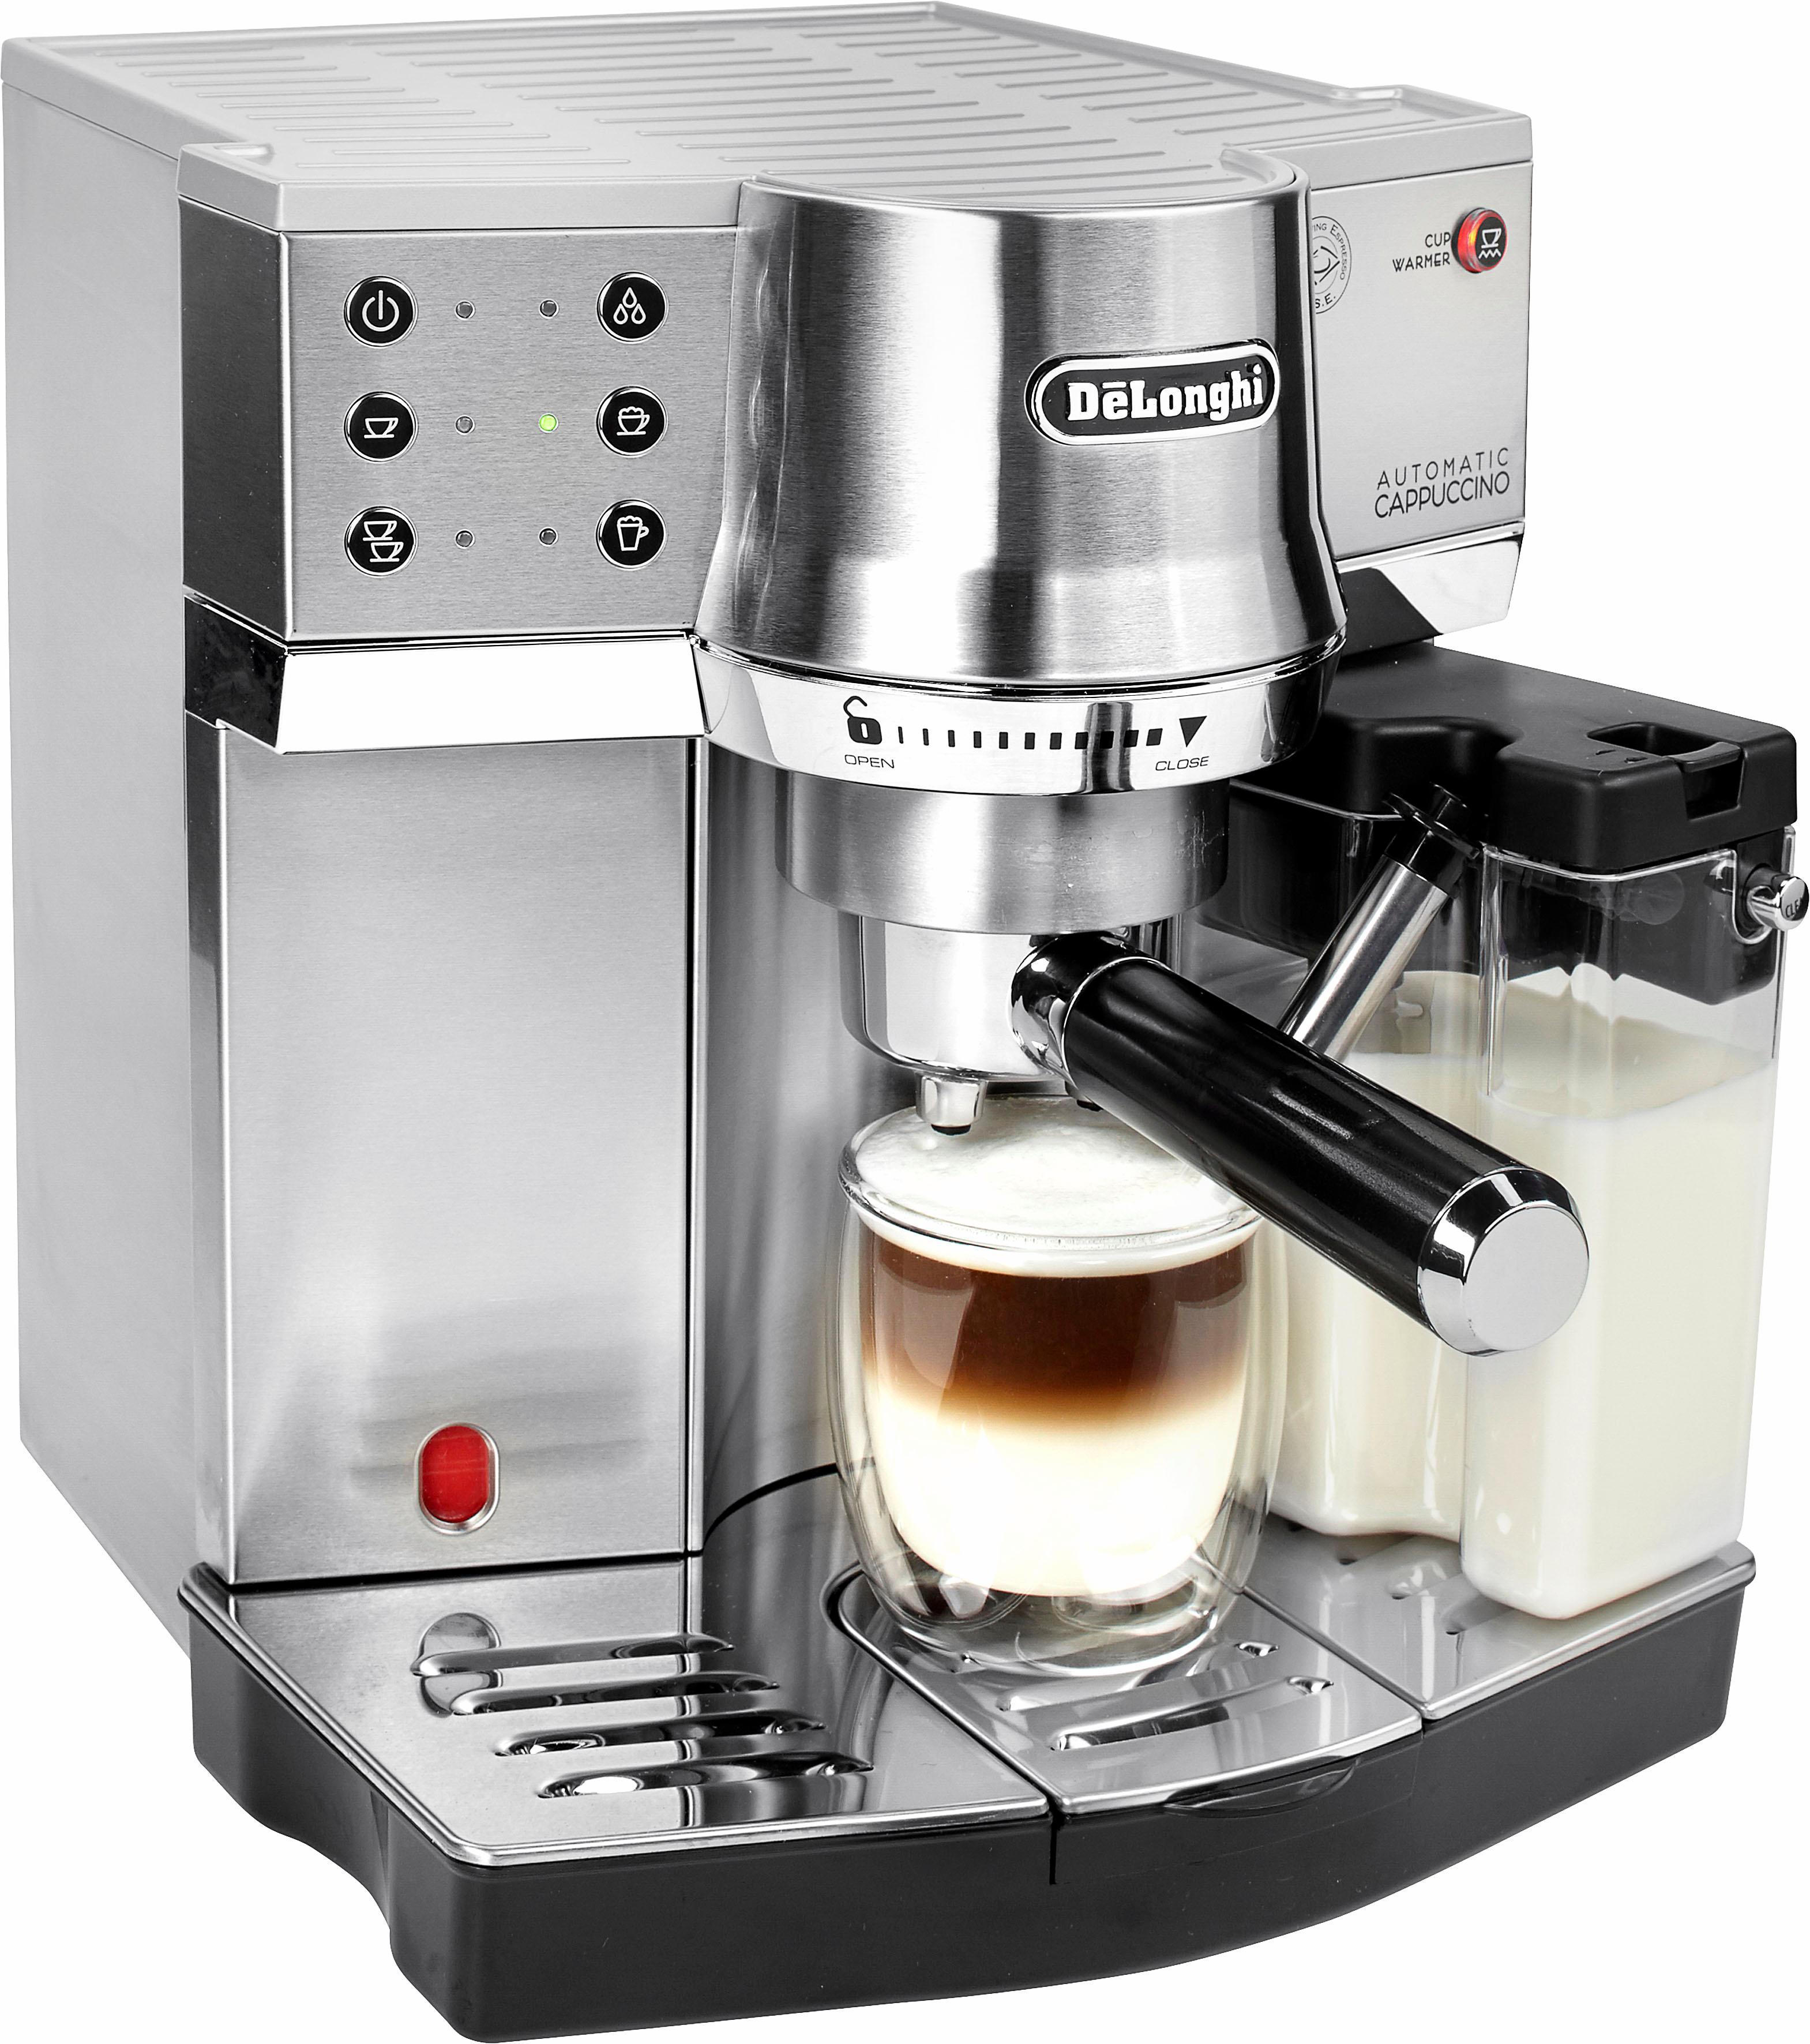 De'Longhi Siebträgermaschine EC 860M Technik & Freizeit/Elektrogeräte/Haushaltsgeräte/Kaffee & Espresso/Espressomaschine